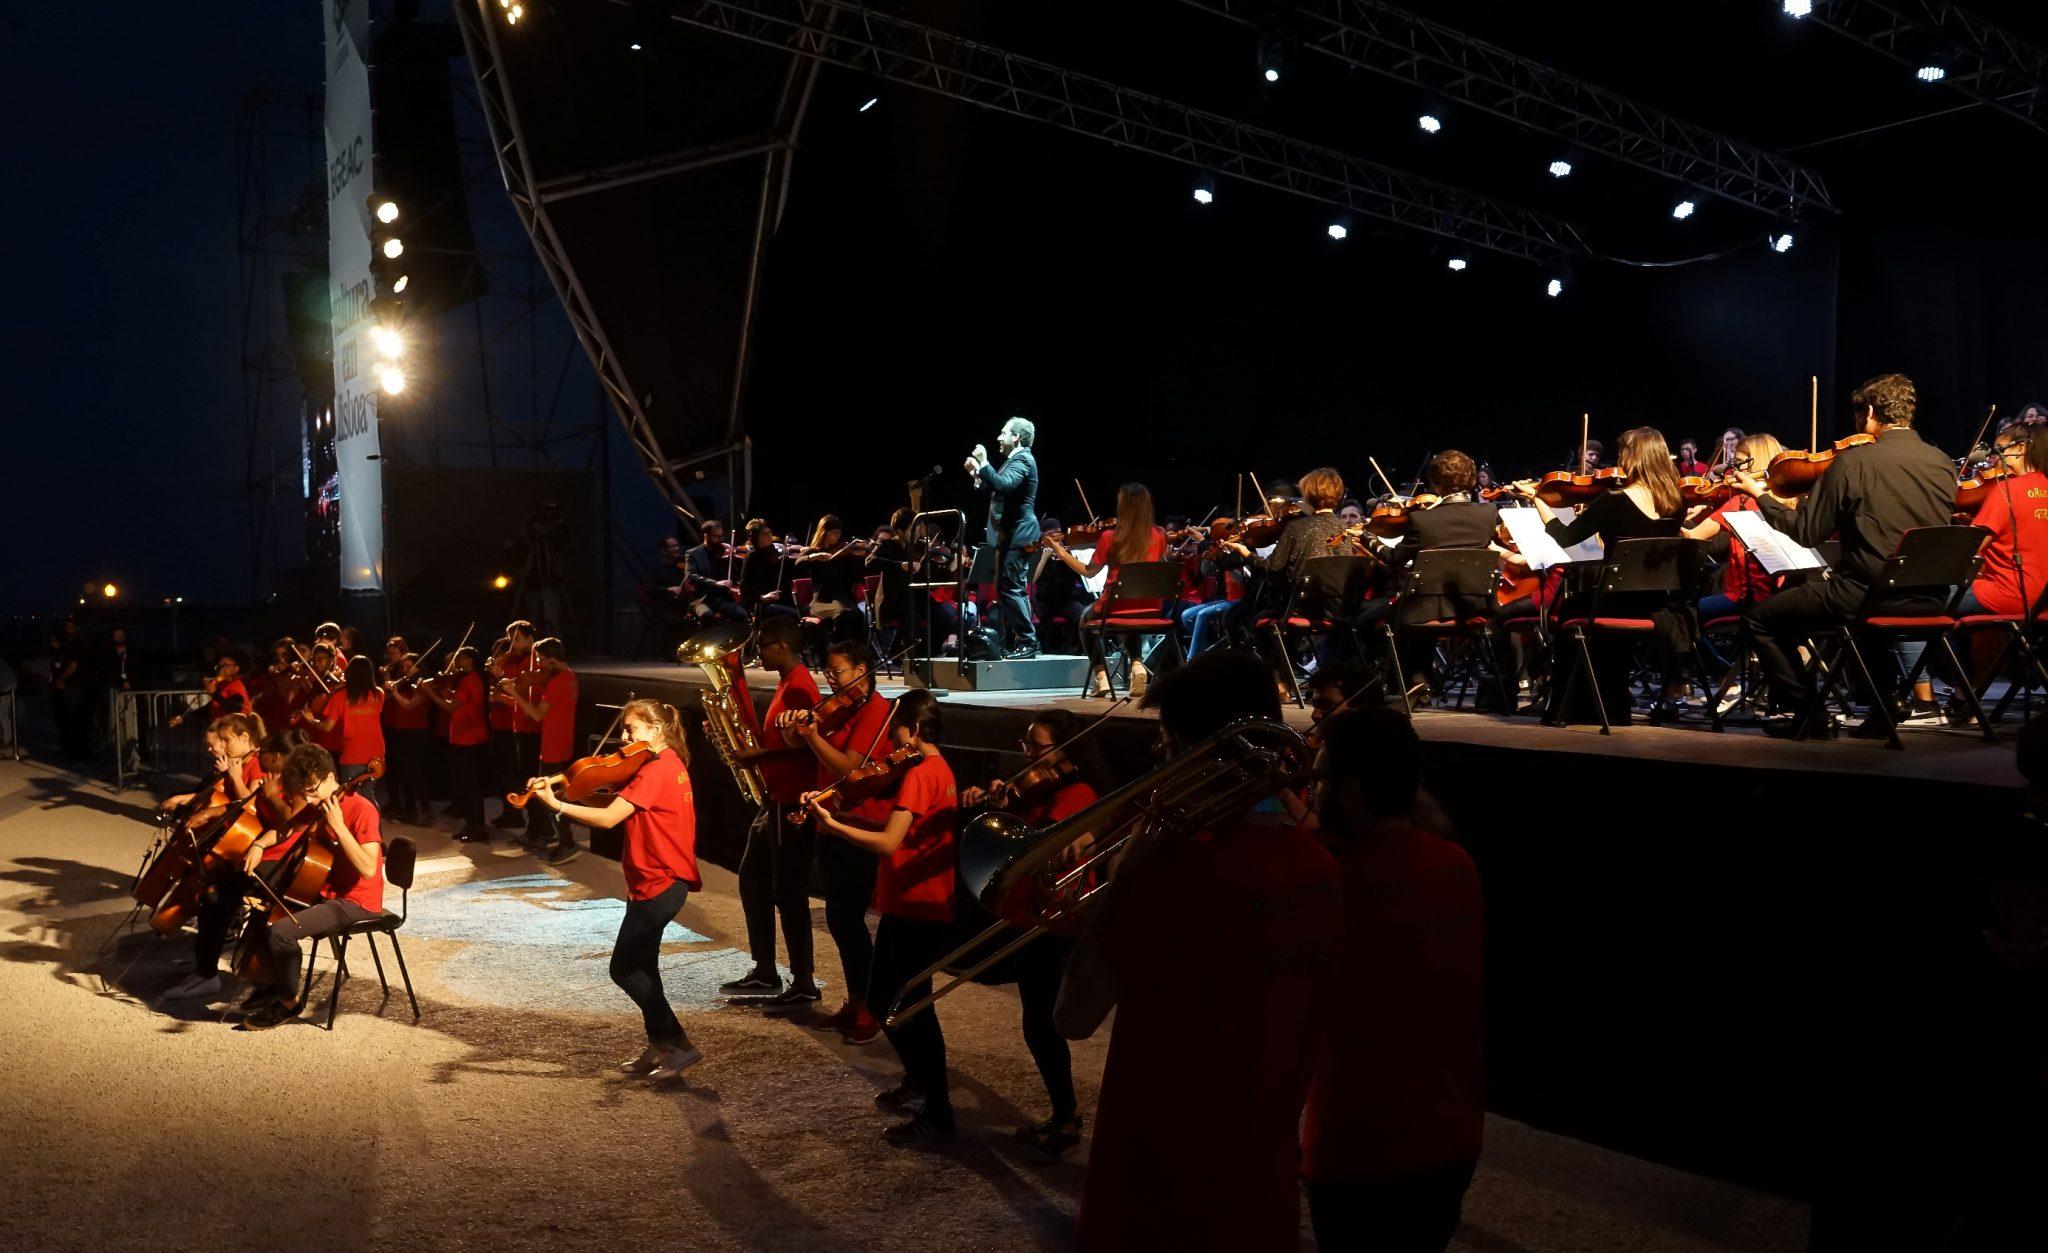 Um palco com uma orquestra e maestro de lado para o observador. Em baixo do palco, vários músicos com t-shirts tocam vários instrumentos